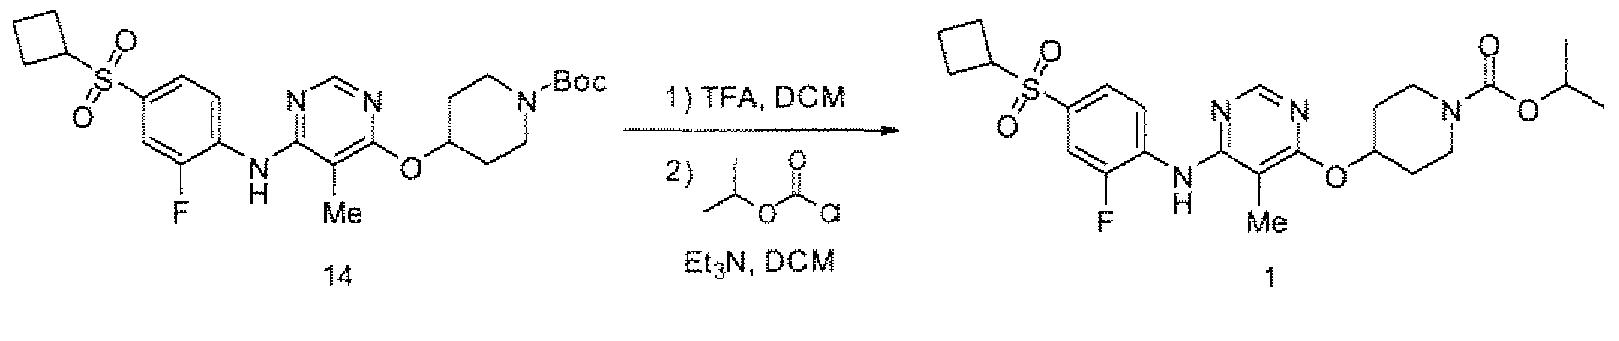 Figure imgf000053_0003